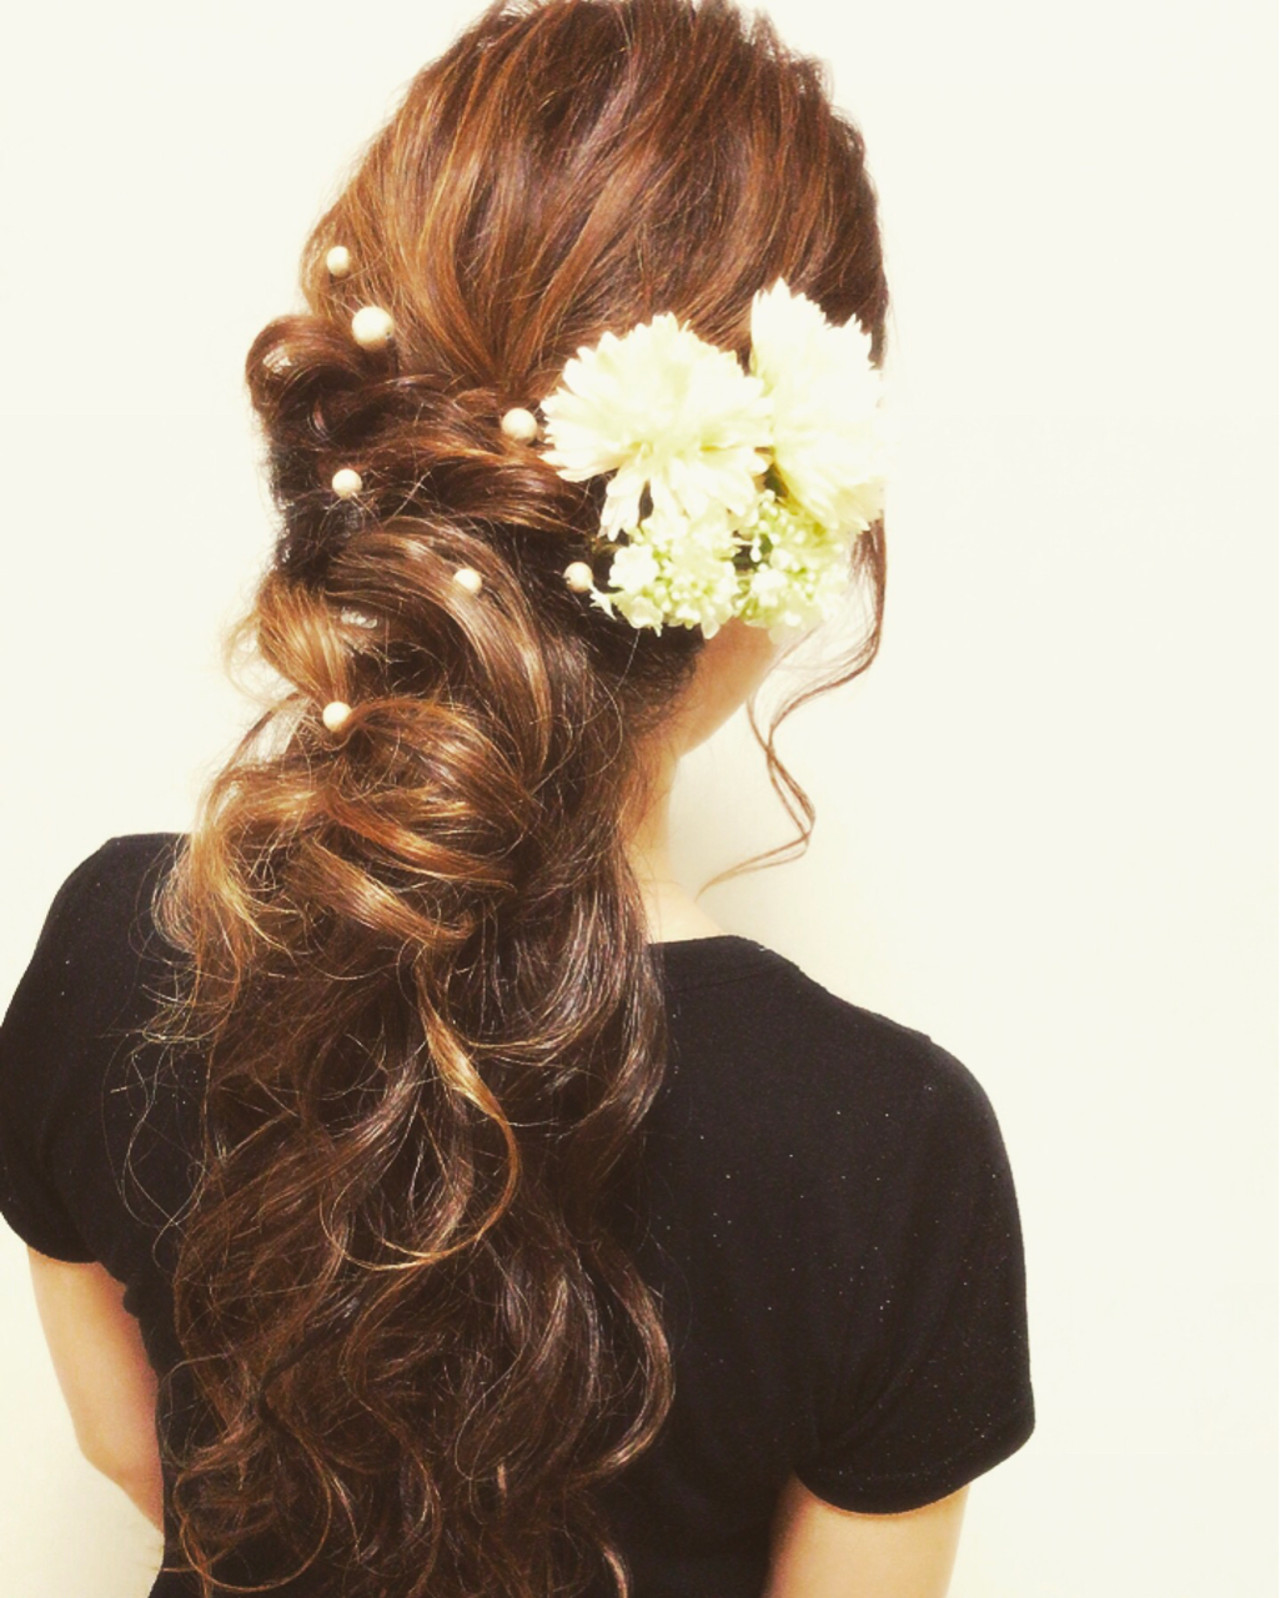 結婚式 大人かわいい ヘアアレンジ フェミニン ヘアスタイルや髪型の写真・画像 | Moriyama Mami / 福岡天神ヘアセット・着付け専門店【Three-keys】